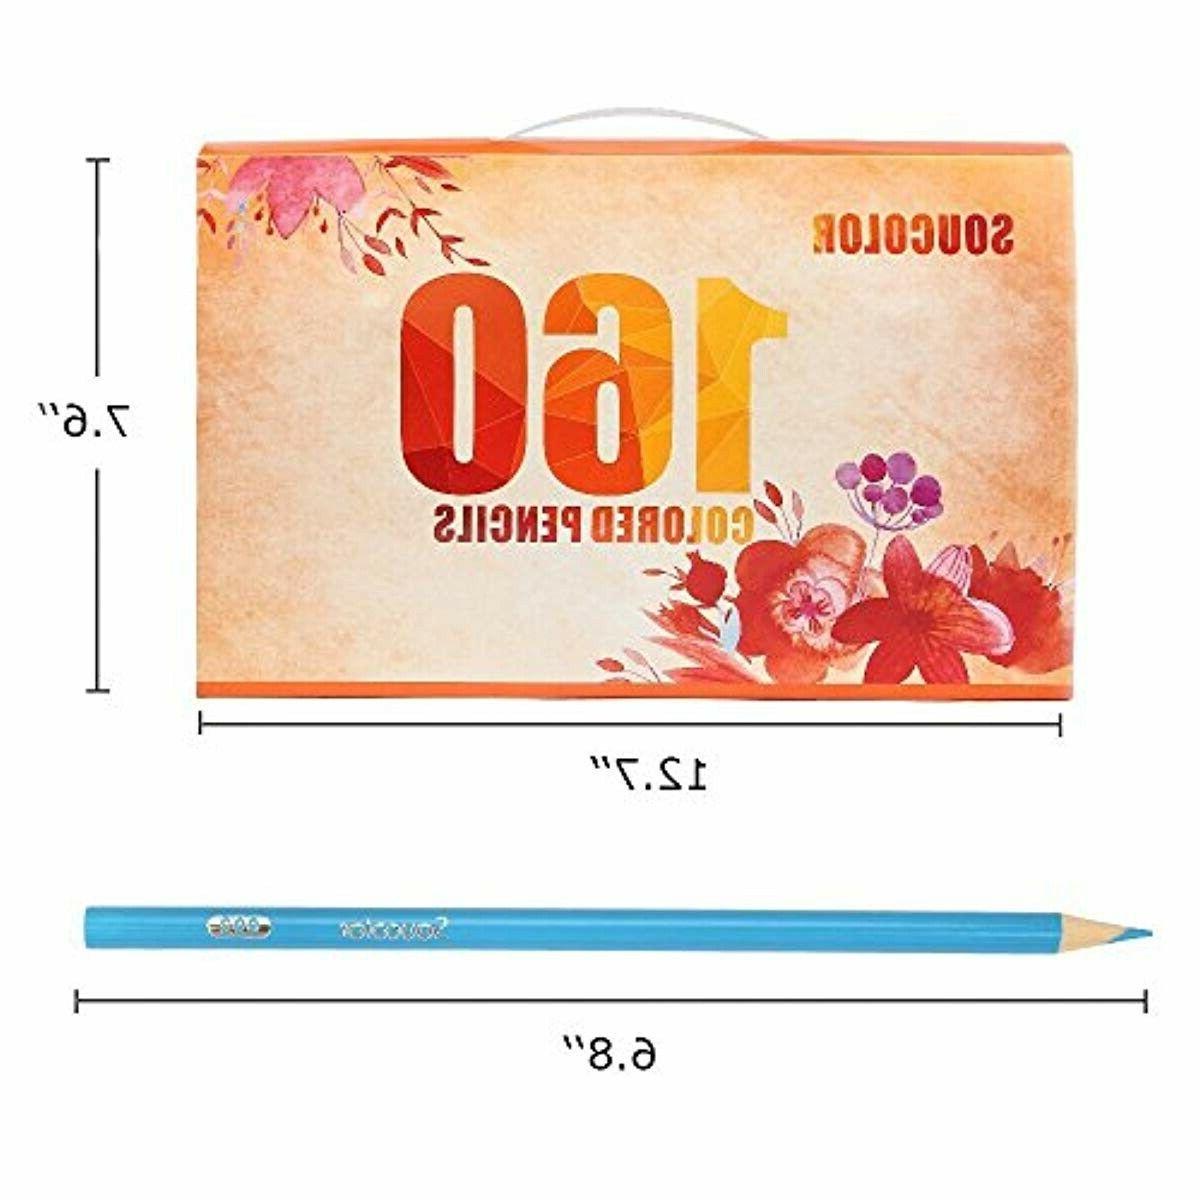 Soucolor Soft Colored Pencils resist cracking